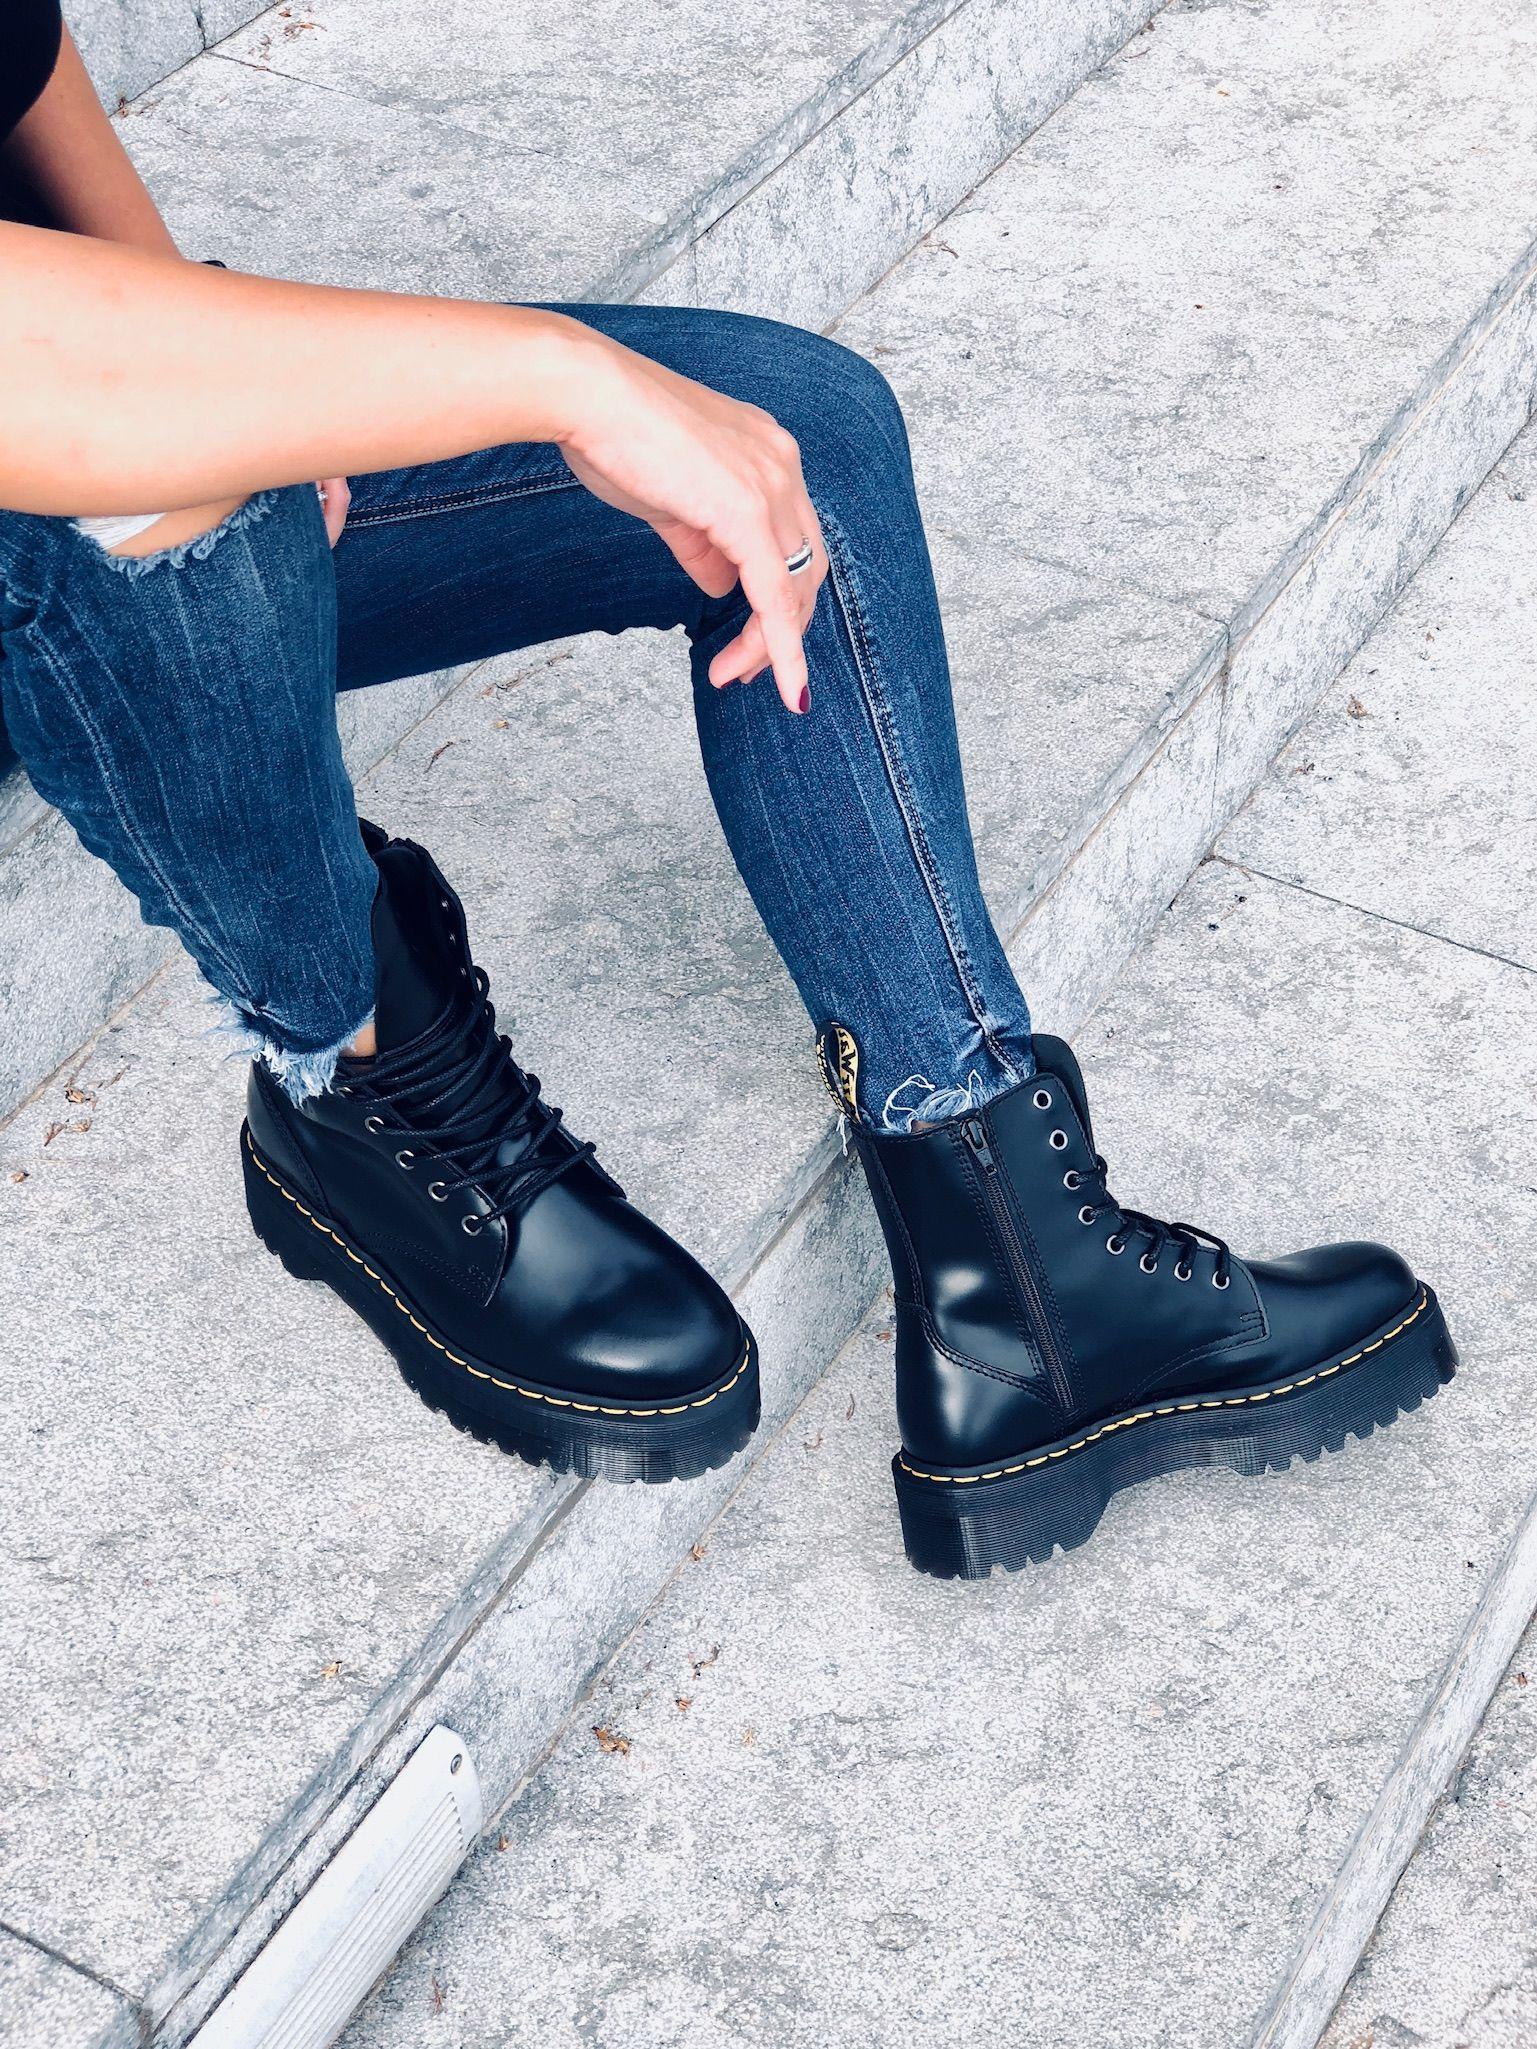 26912c4c219  Botas plataforma Dr.Martens modelo Jadon ¡Las más buscadas! 😍  boots